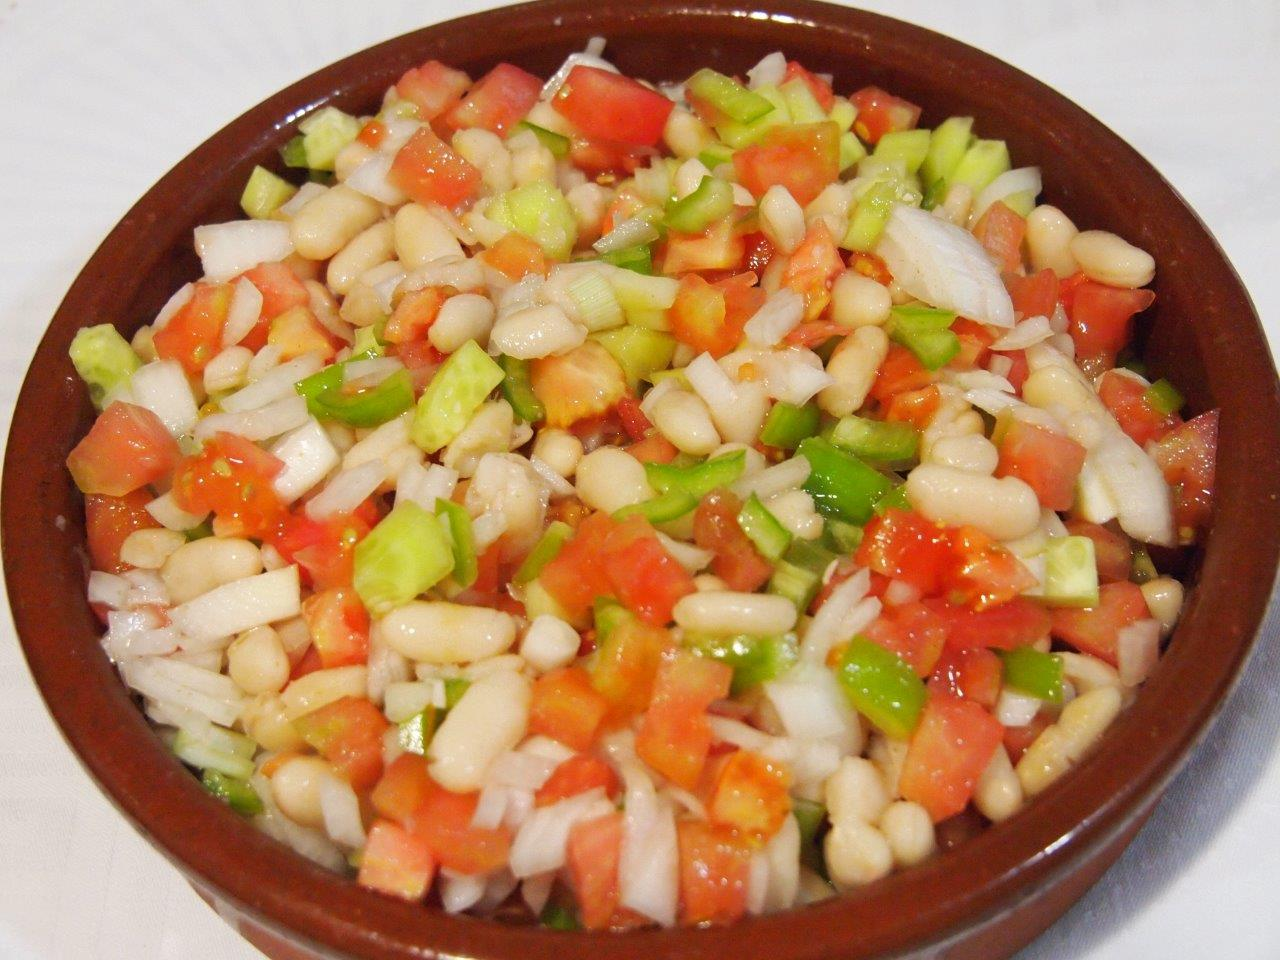 Pipirrana con alubias blancas cocina sin carn for Como cocinar alubias de bote